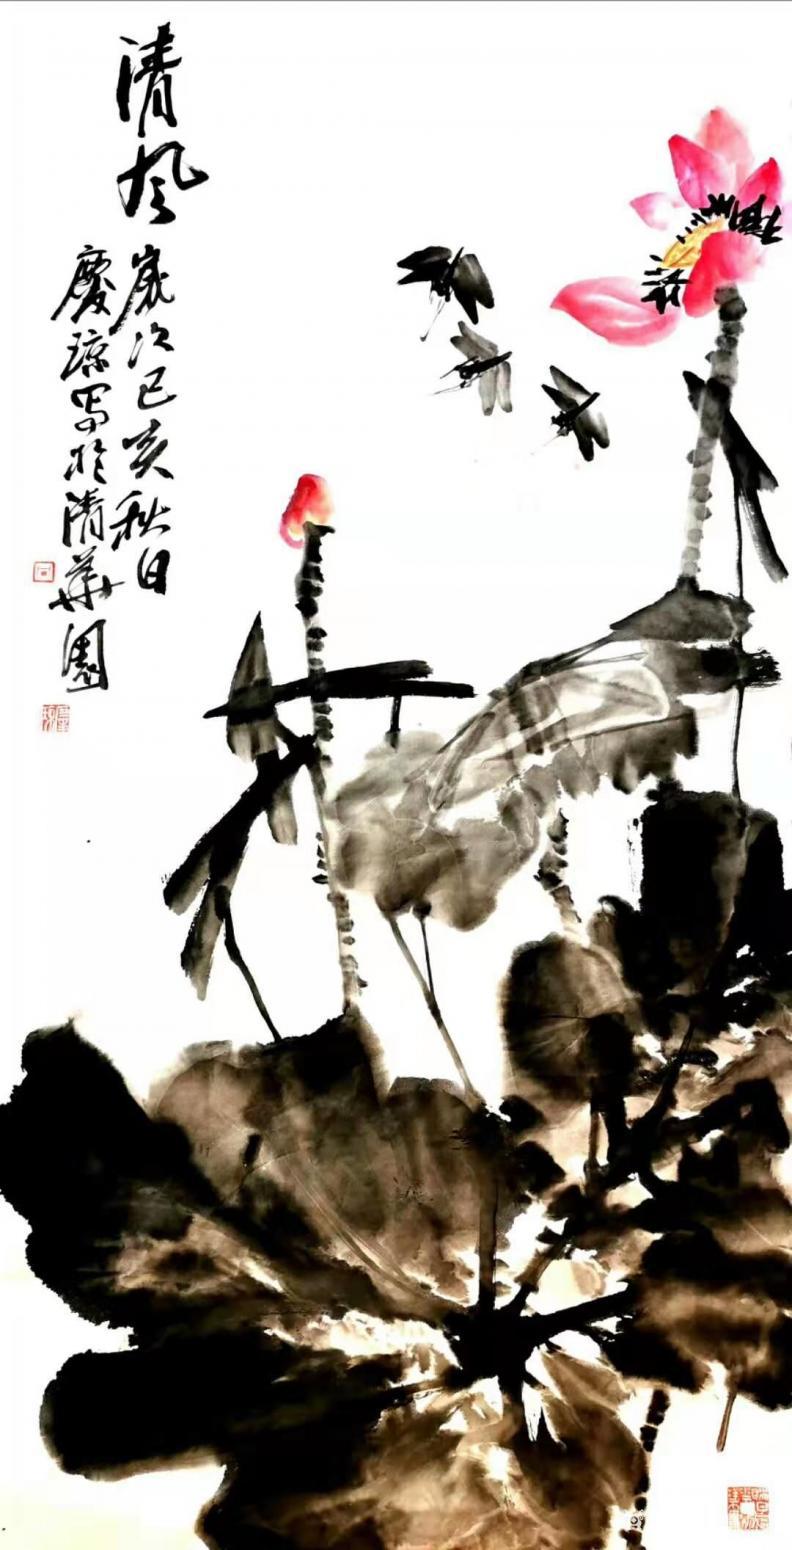 甘庆琼国画作品《荷花蜻蜓-清风》【图0】